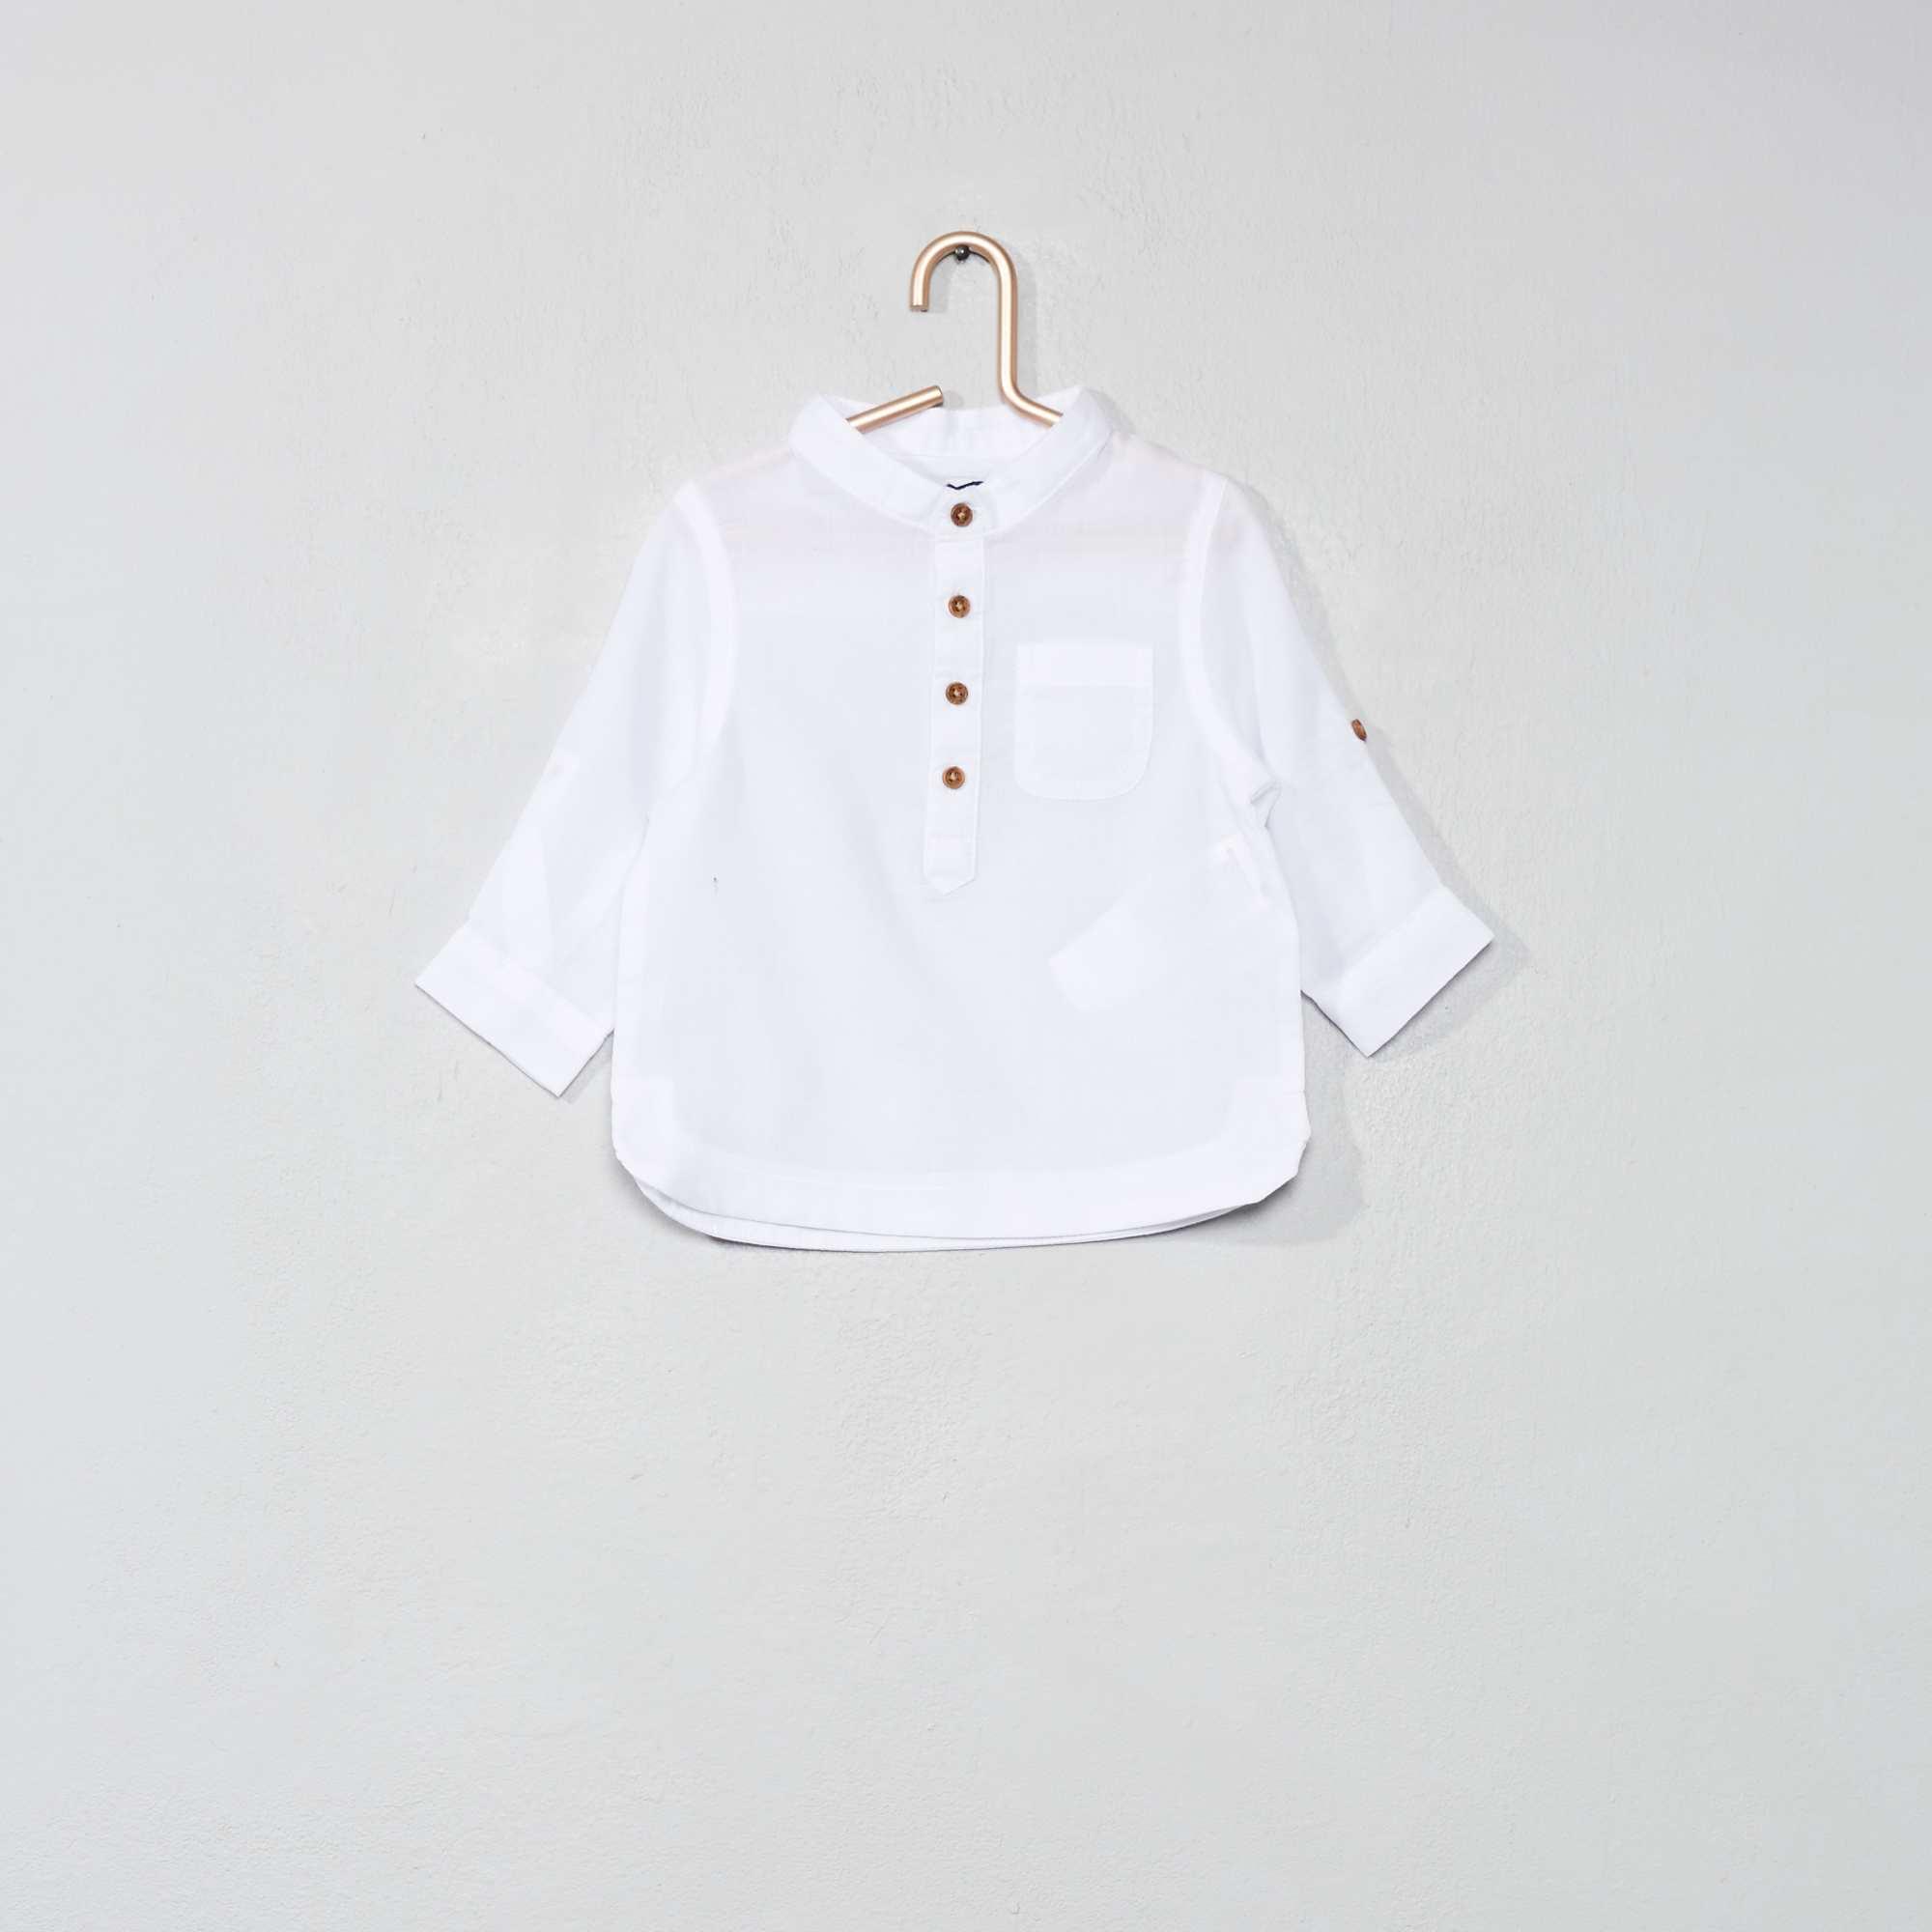 Katoenvoile overhemd met een kraag in